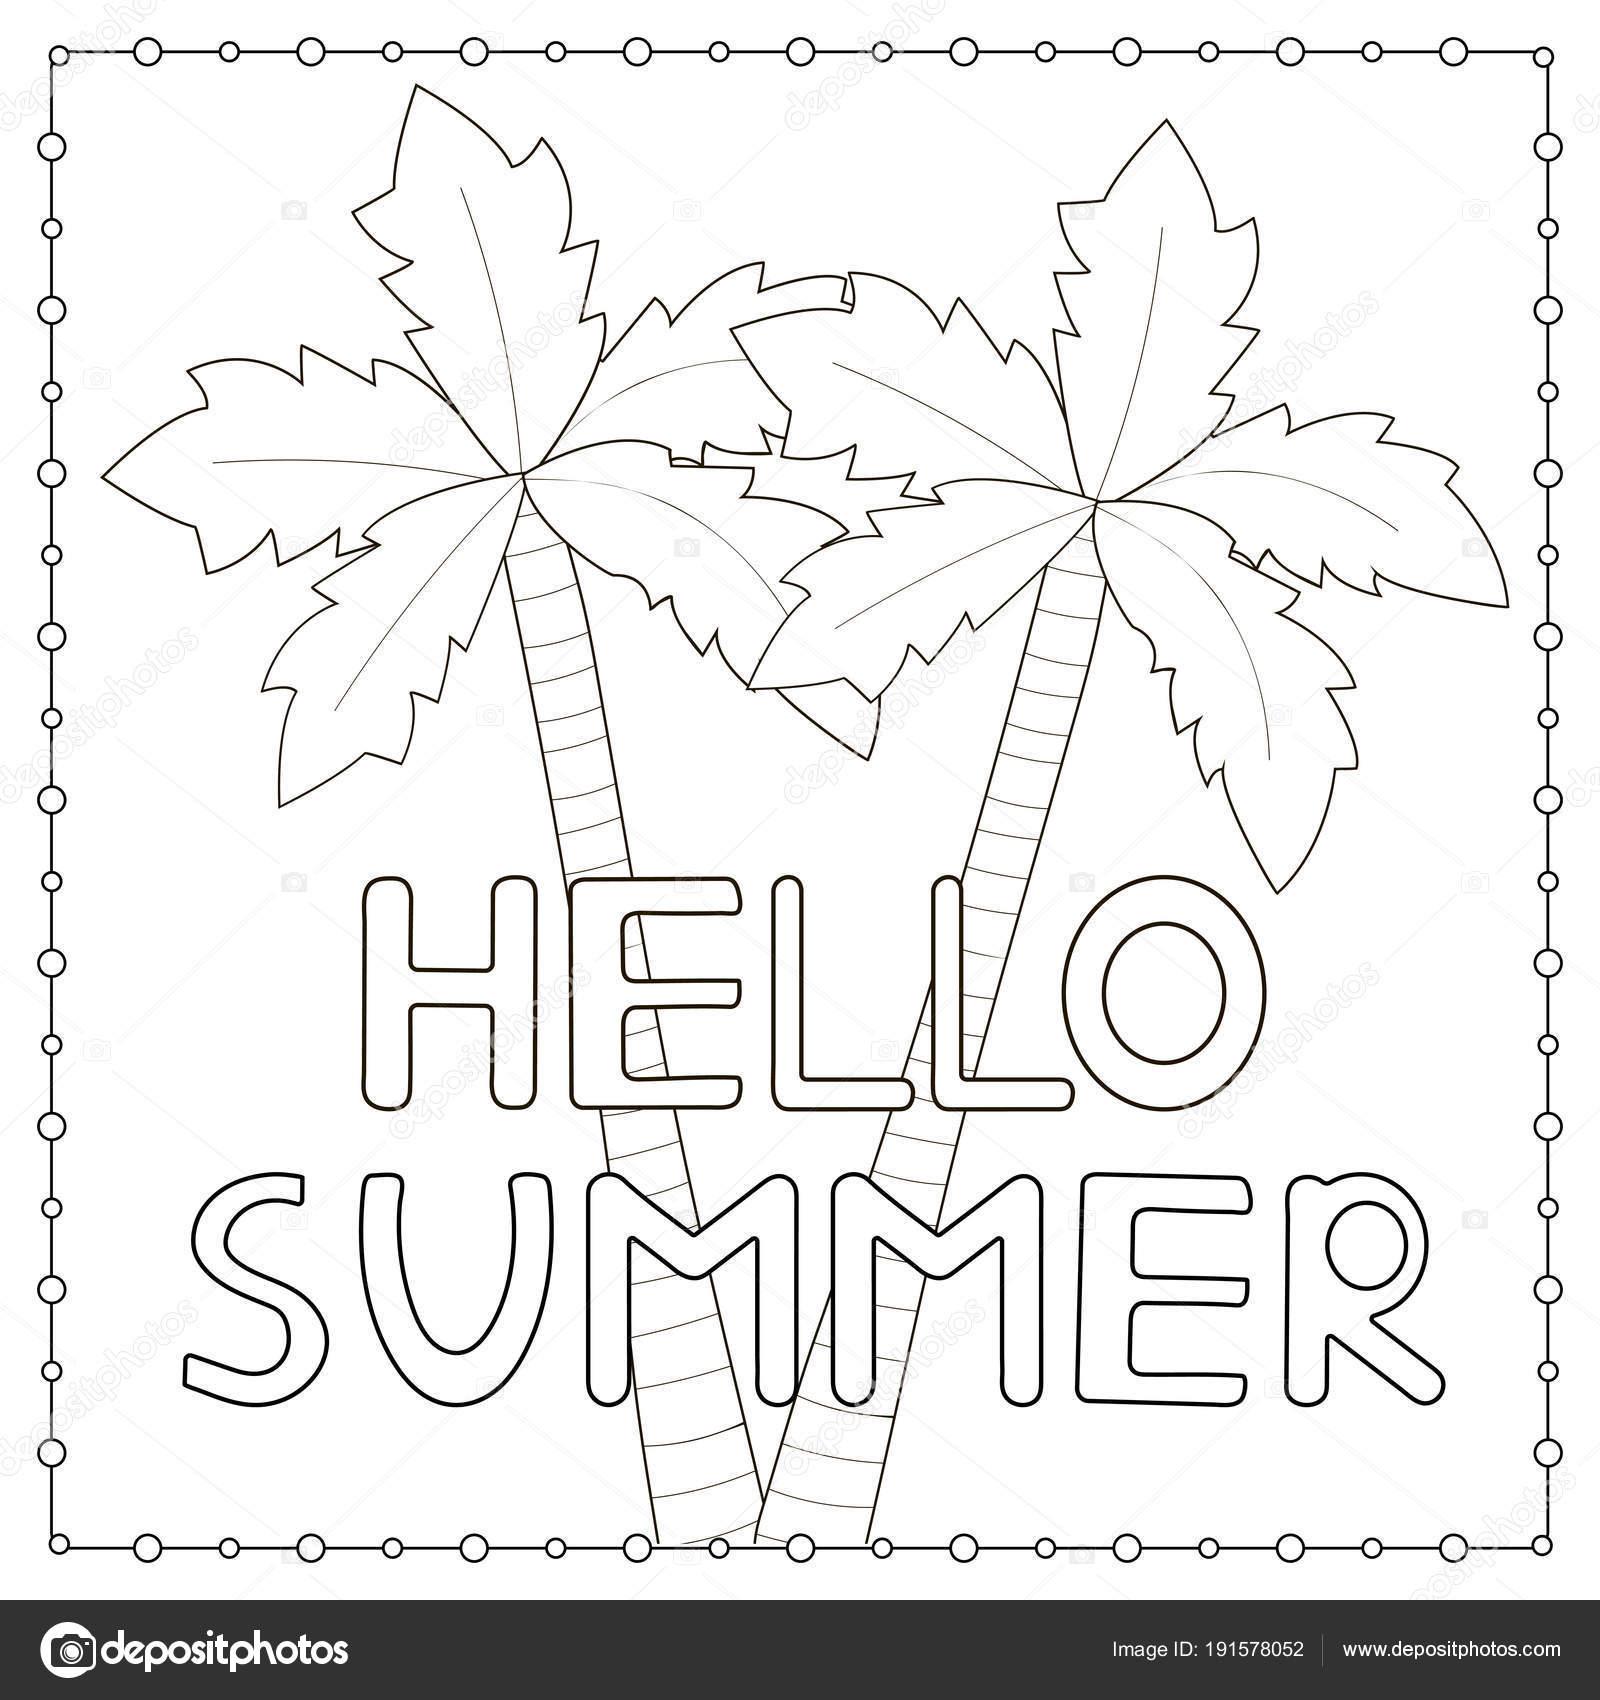 kleurplaat pagina met getrokken tekst hello zomer en